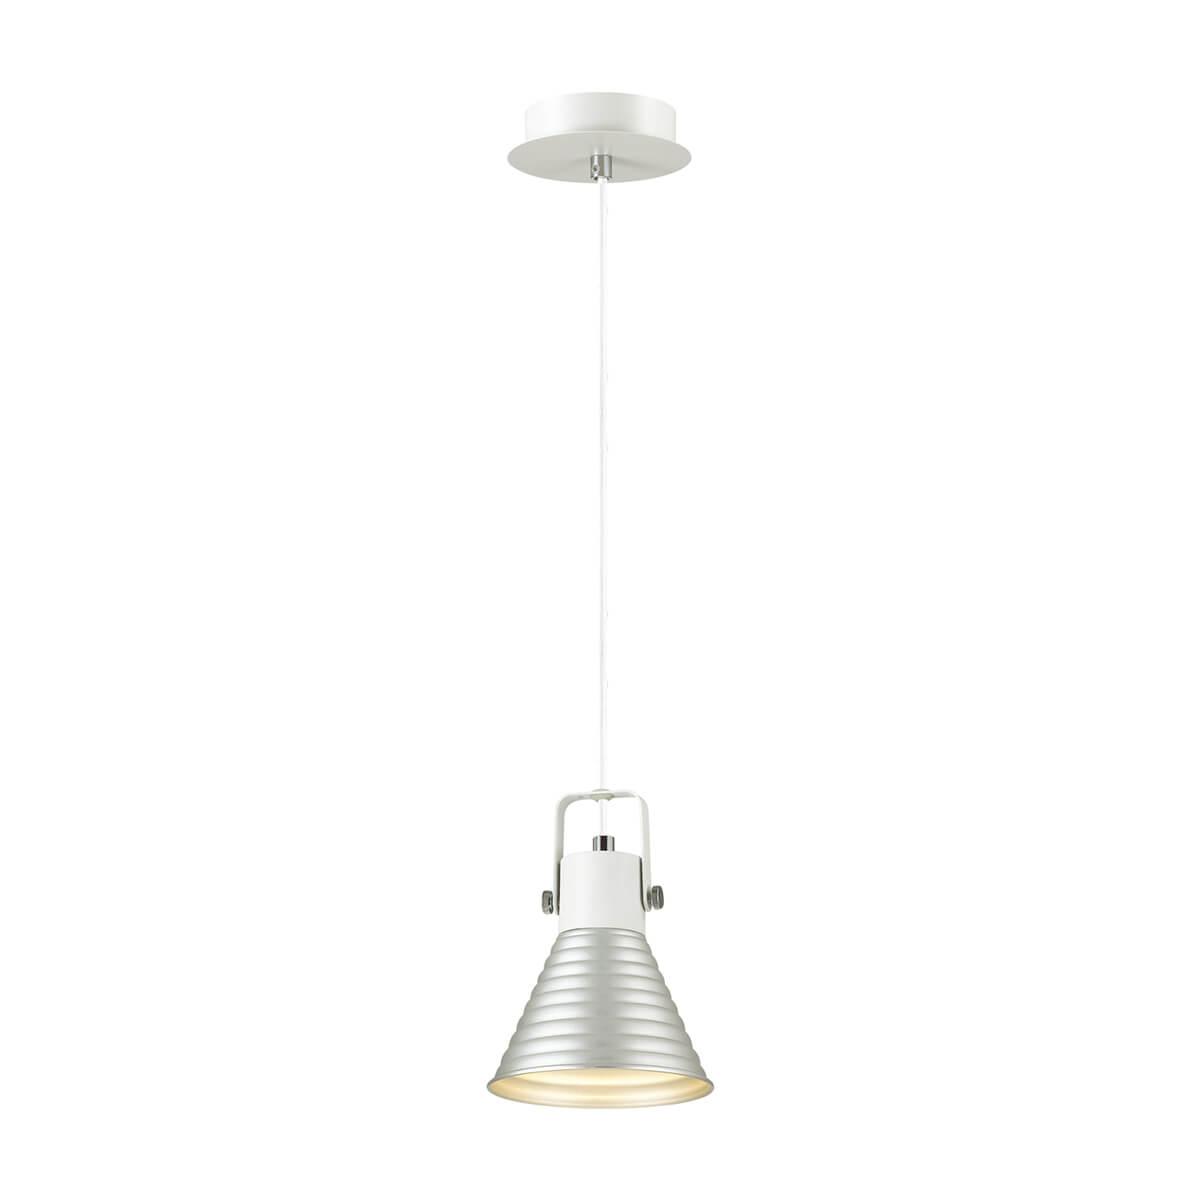 Светильник Lumion 3788/1 Moderni подвесной светильник lumion ollie 3788 1